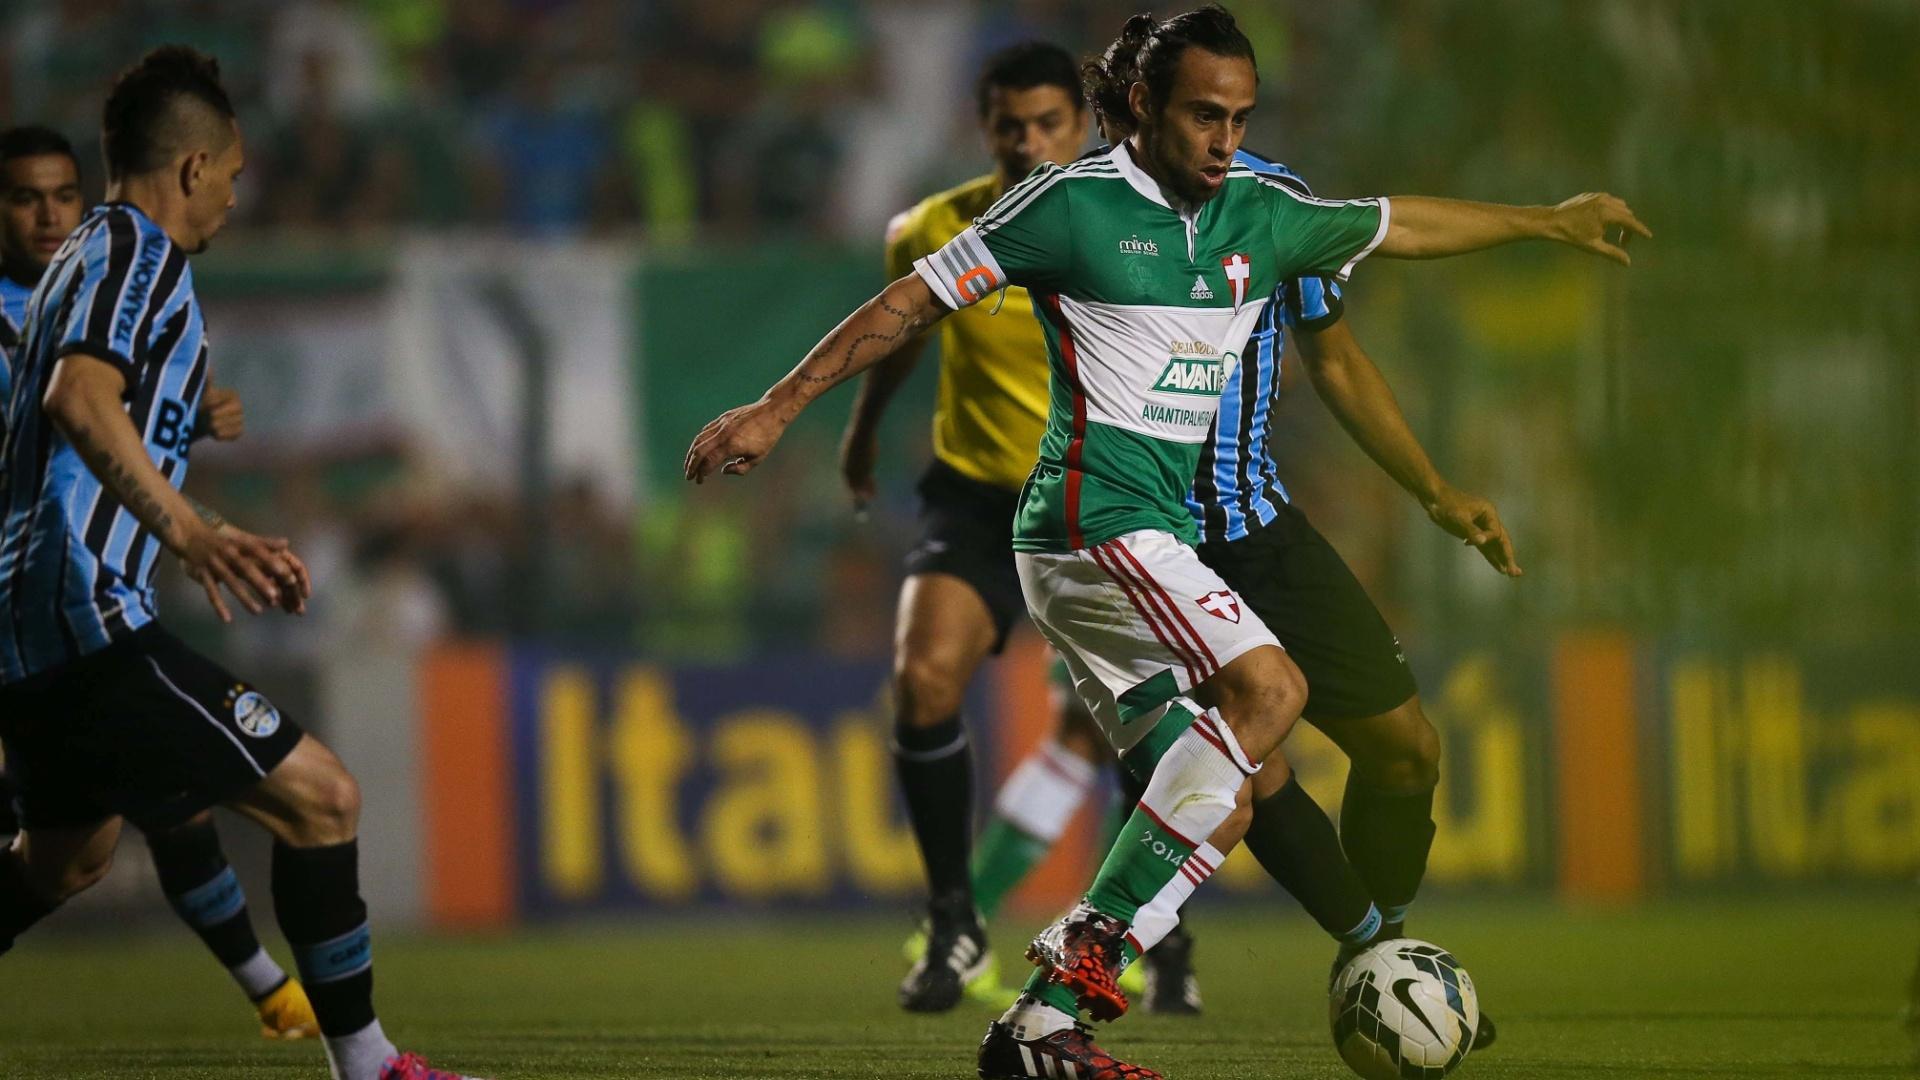 Valdivia domina bola cercado pela marcação do Grêmio